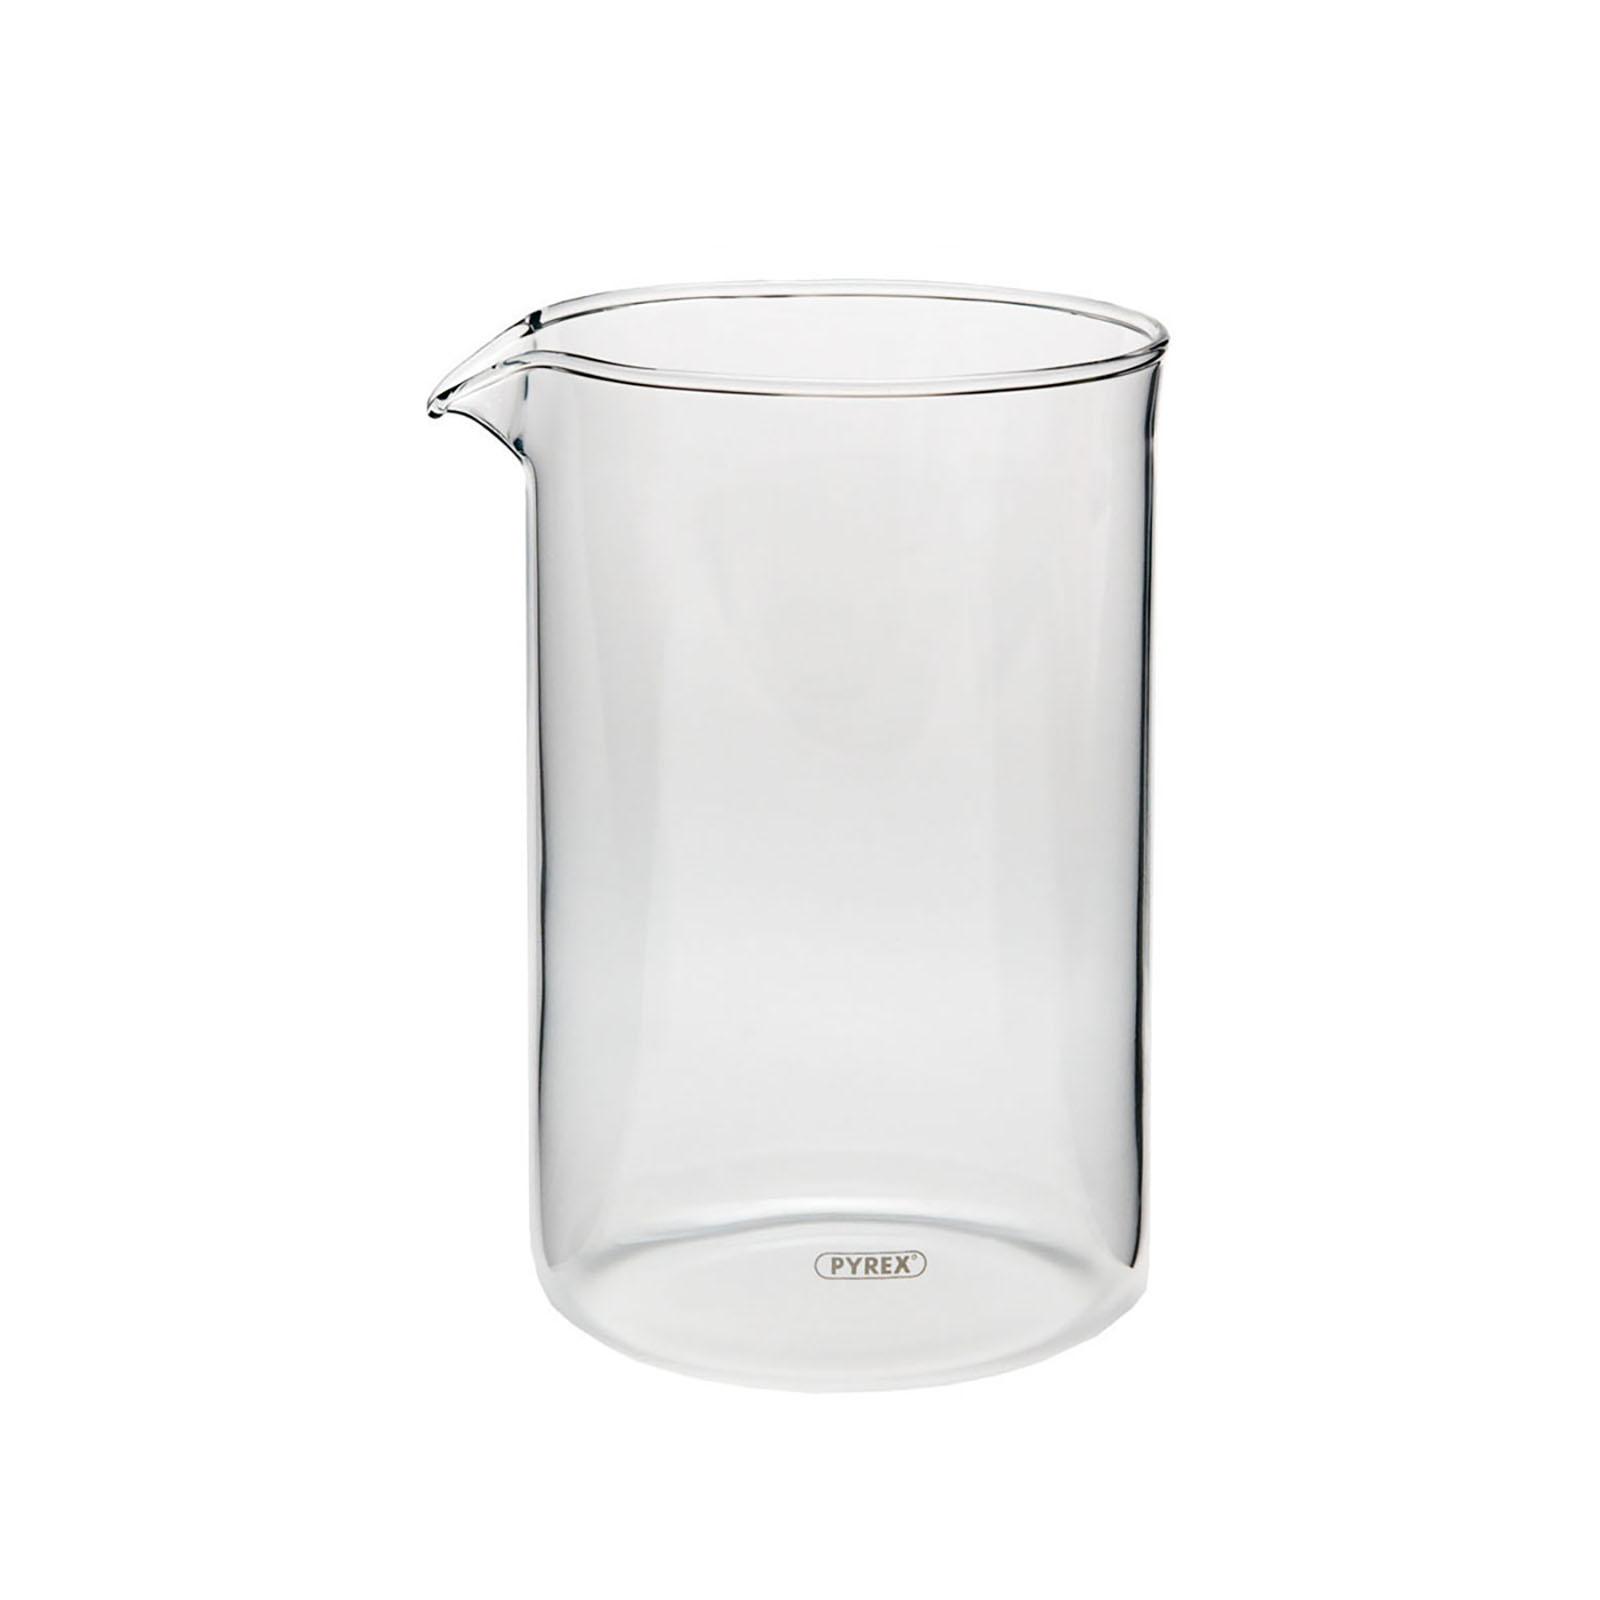 APW Wyott L-8 dispenser, plate dish, drop in